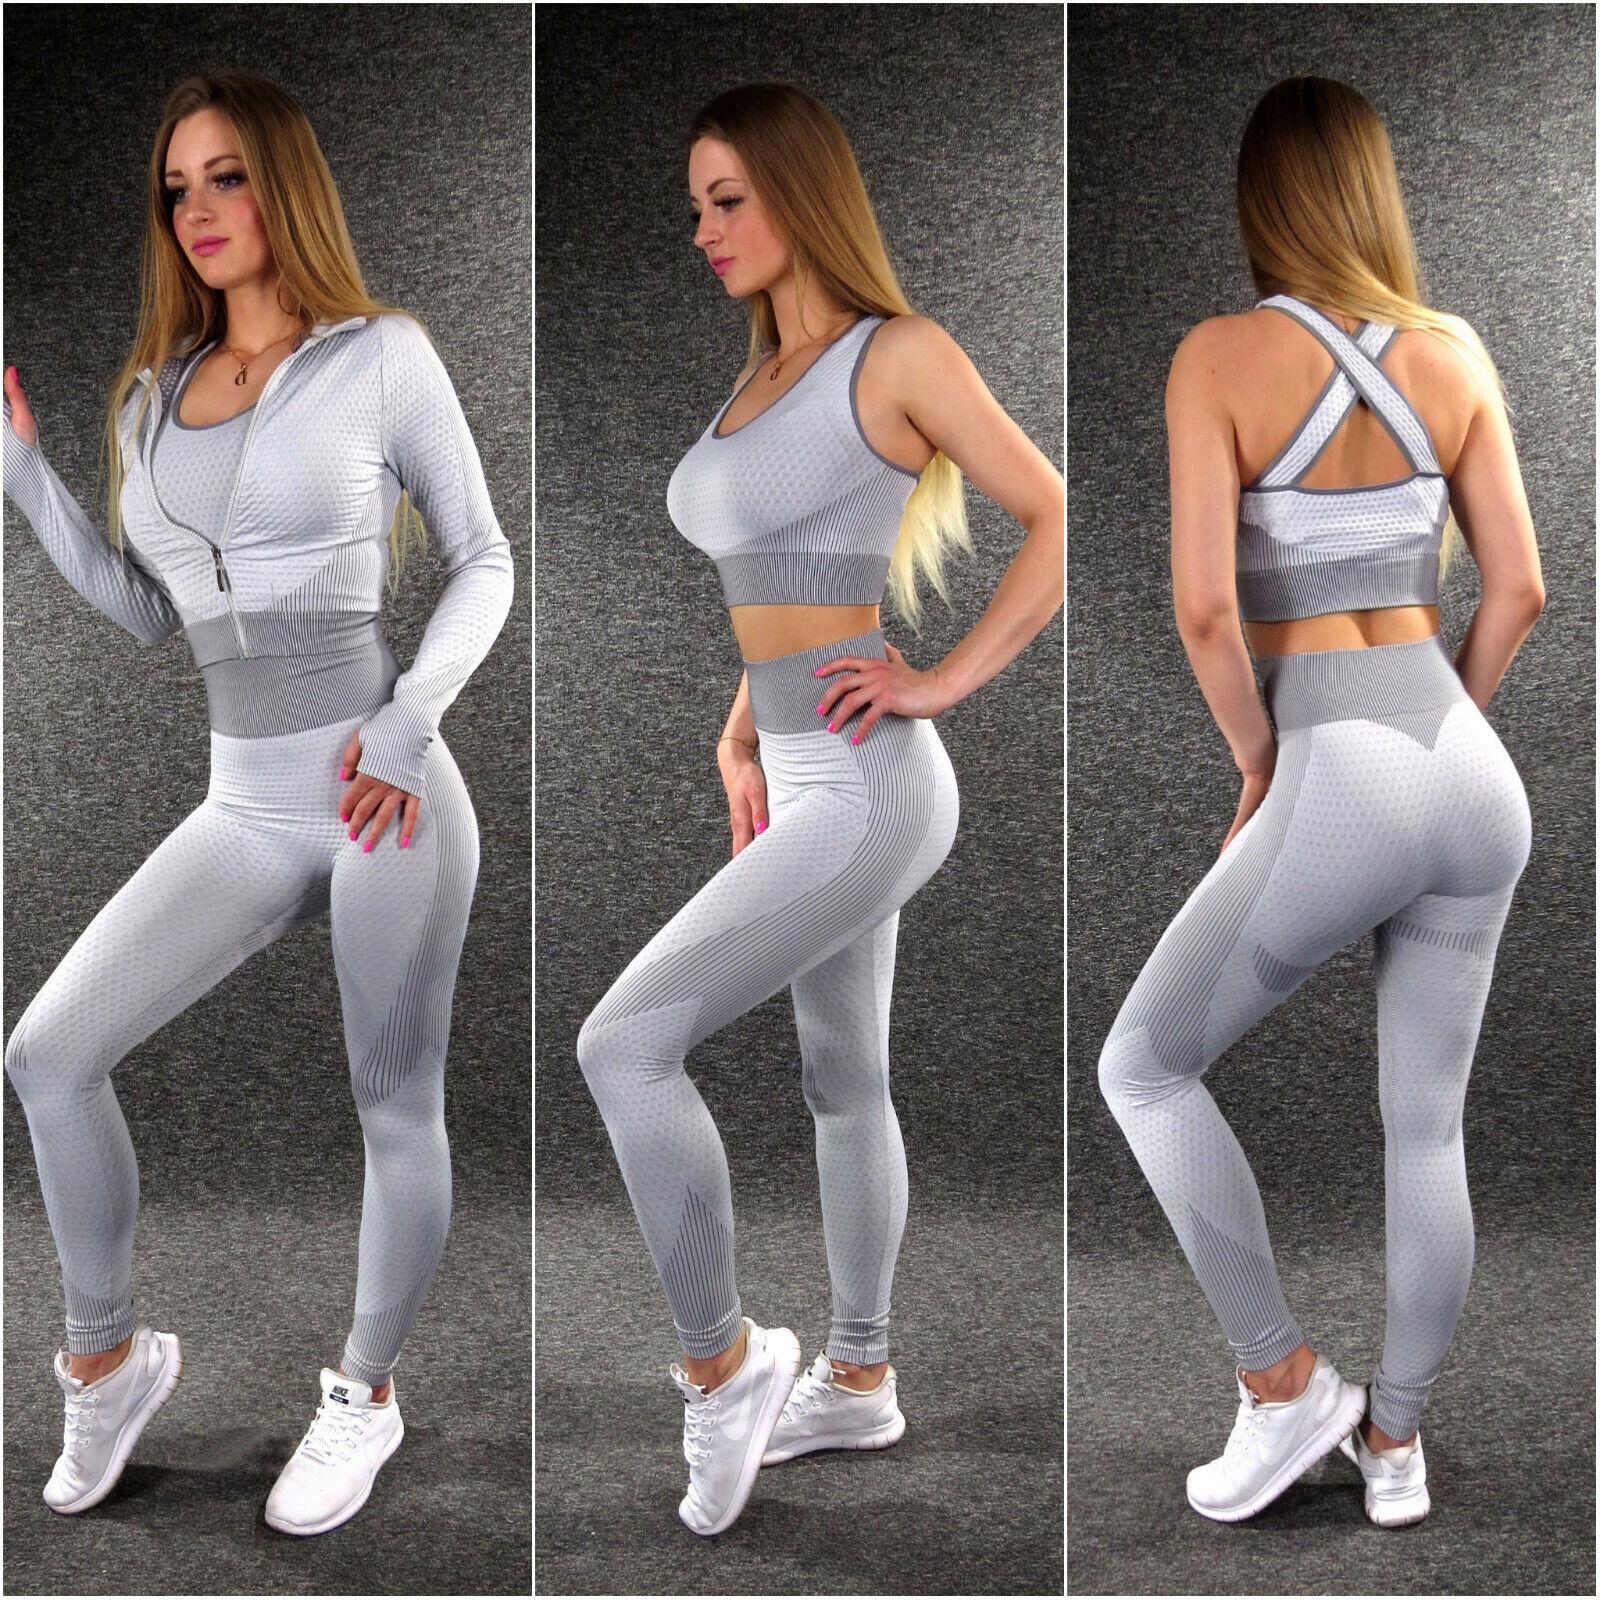 Damen Freizeitanzug Fitnessanzug 3Teiler ZAZOU Push Up Fitness Hose Jacke Top S1